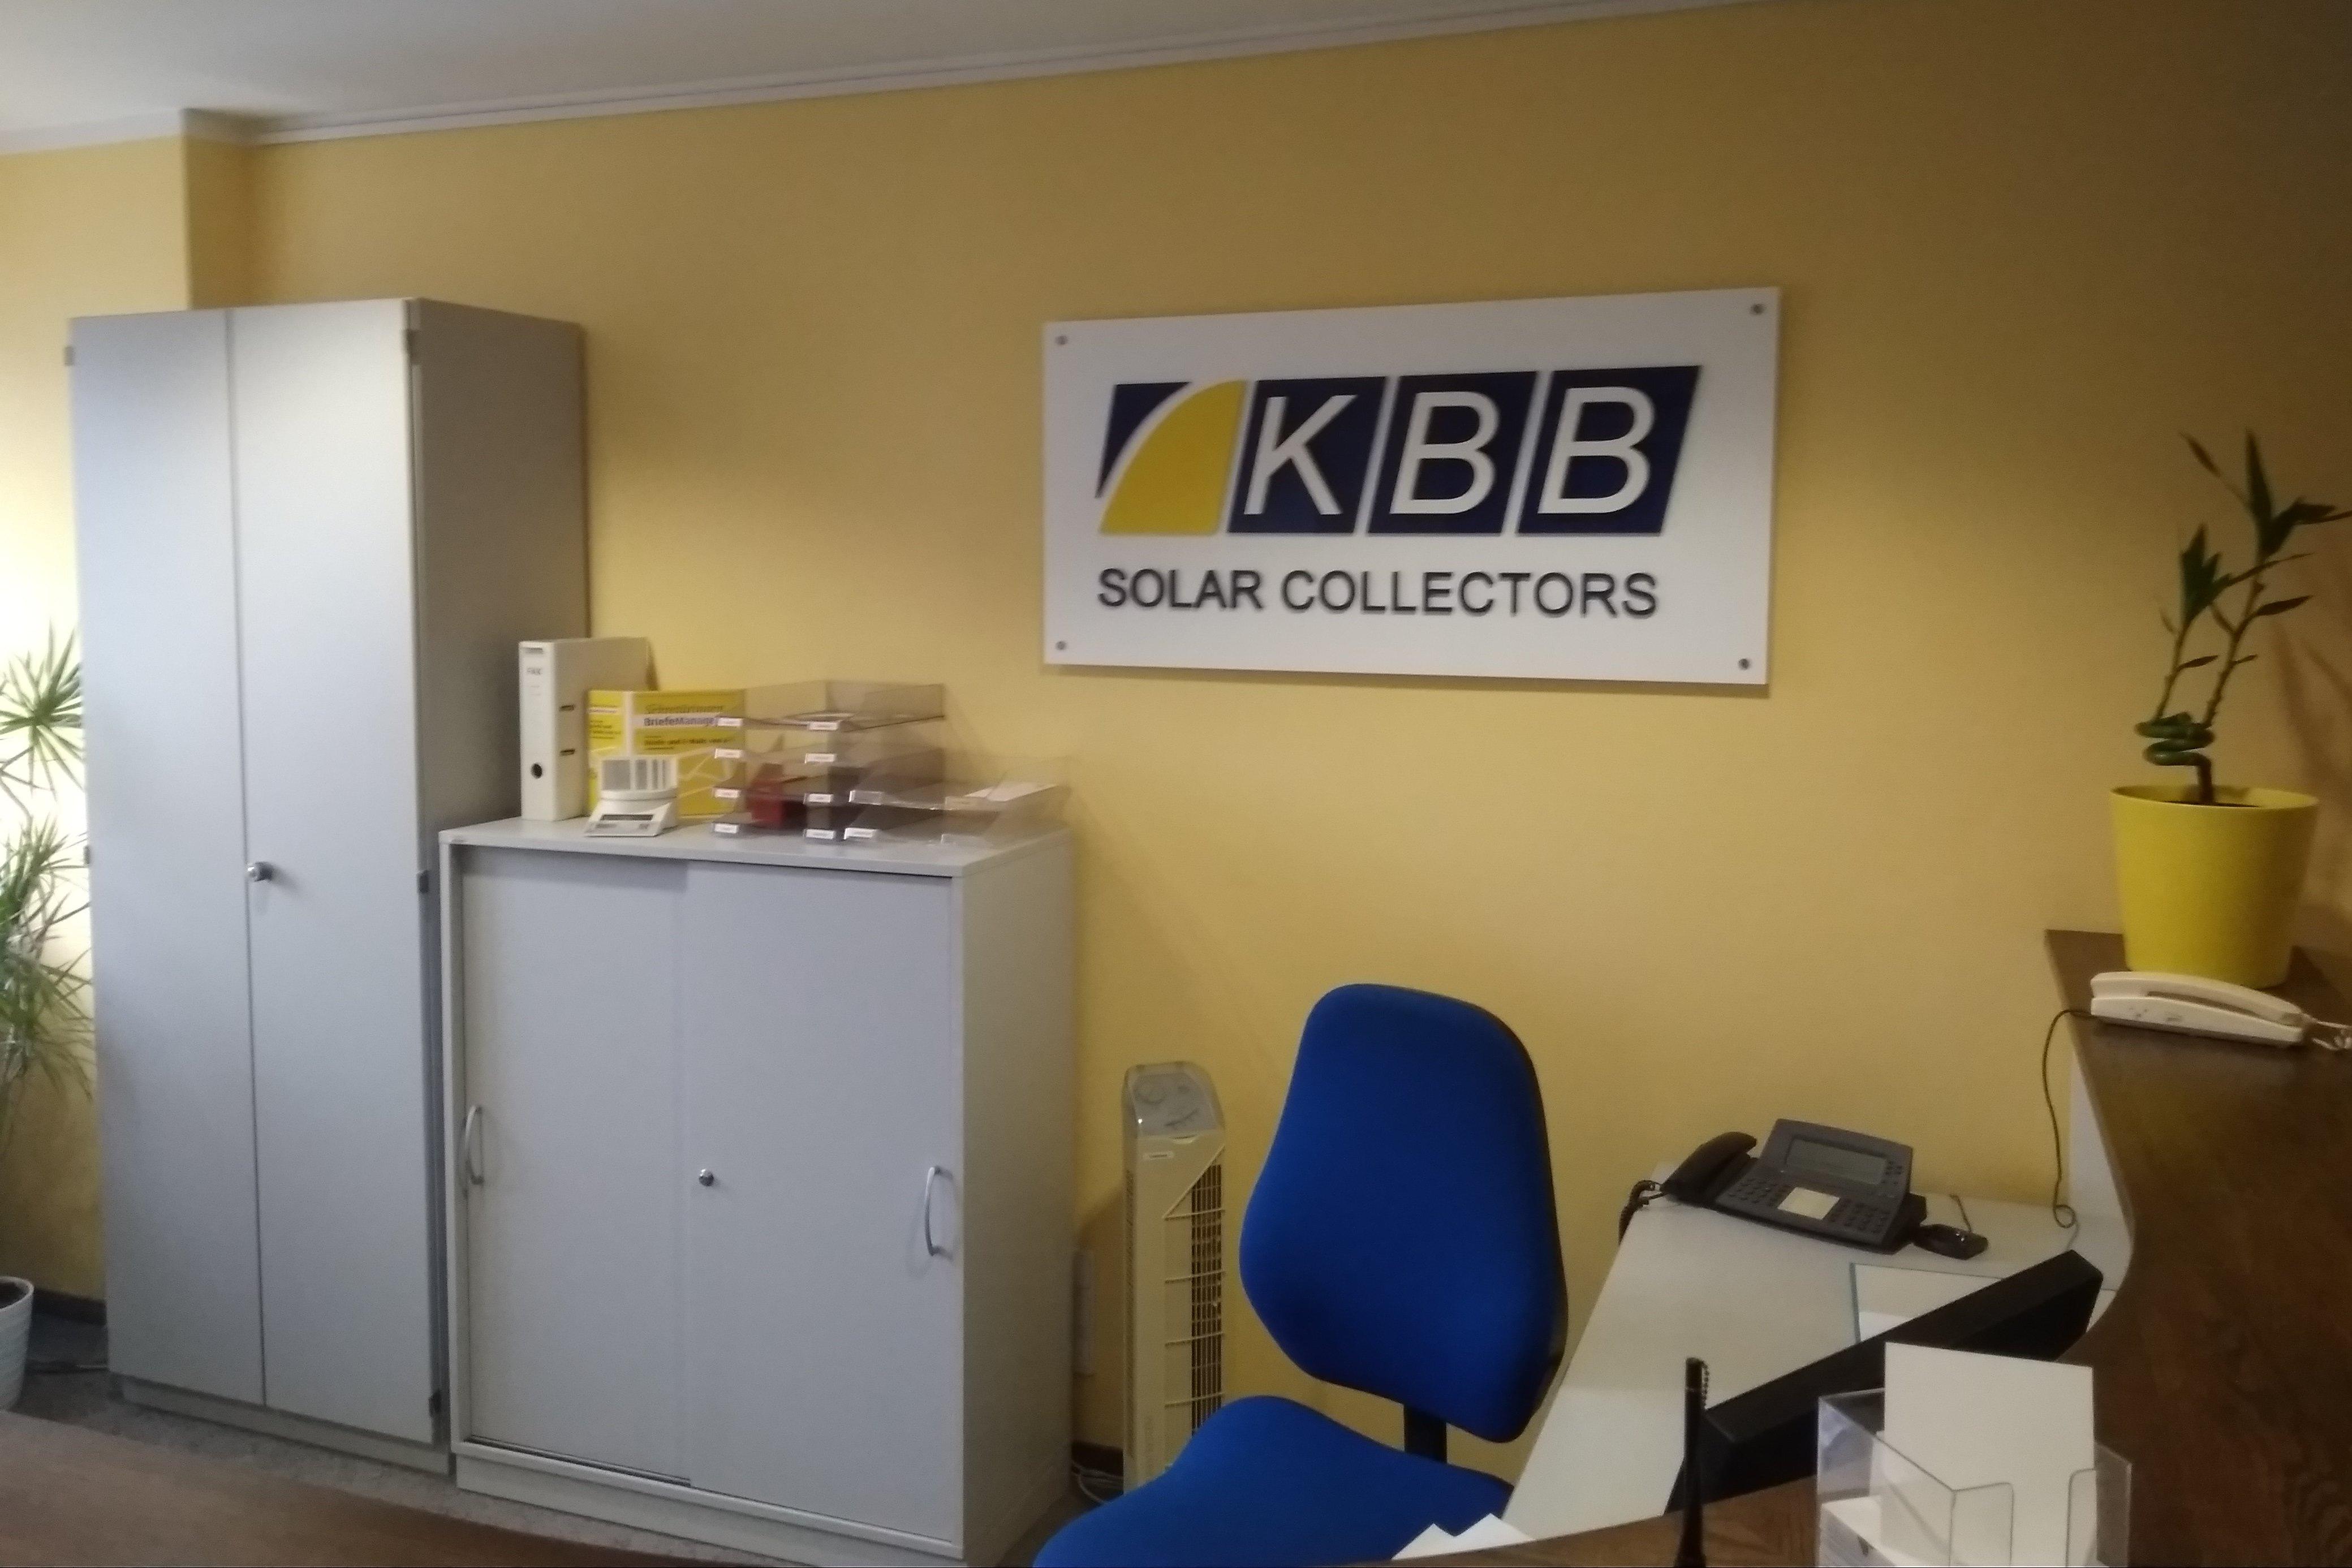 Сонячні колектори від KBB